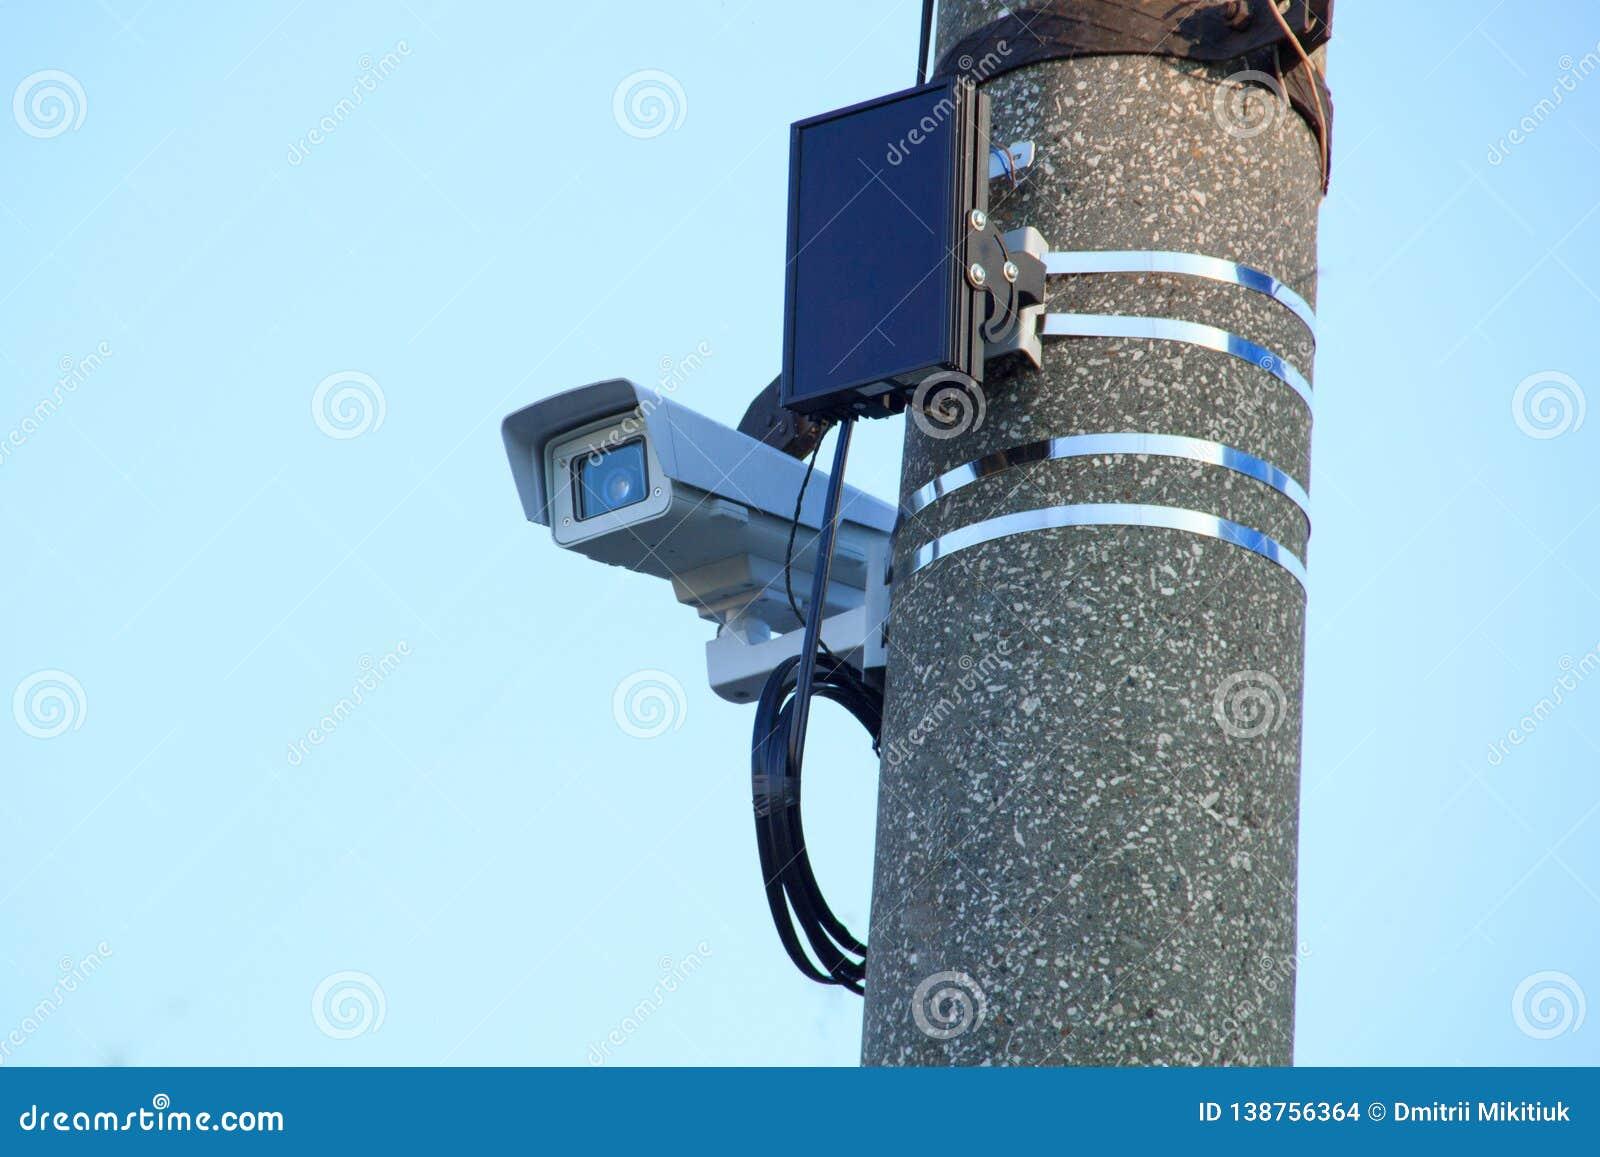 Τα βιντεοκάμερα στο σφραγισμένο θερμικό σακάκι στο υποστήριγμα καθορίζονται σε έναν στυλοβάτη συγκεκριμένων δρόμων